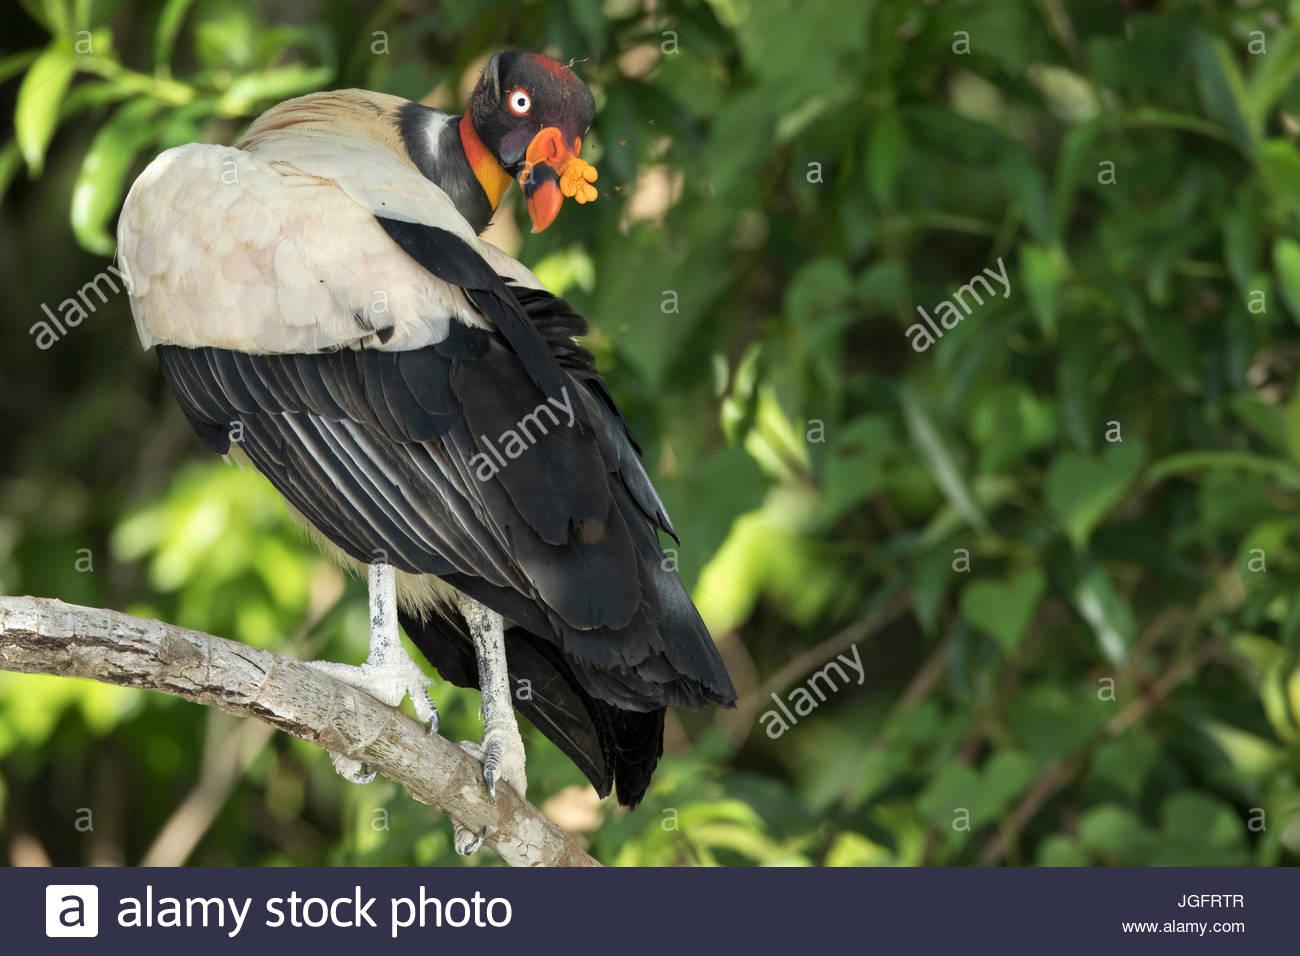 Un roi Sarcoramphus papa, vautour, est perché sur une branche d'arbre en parc national de Manu. Banque D'Images